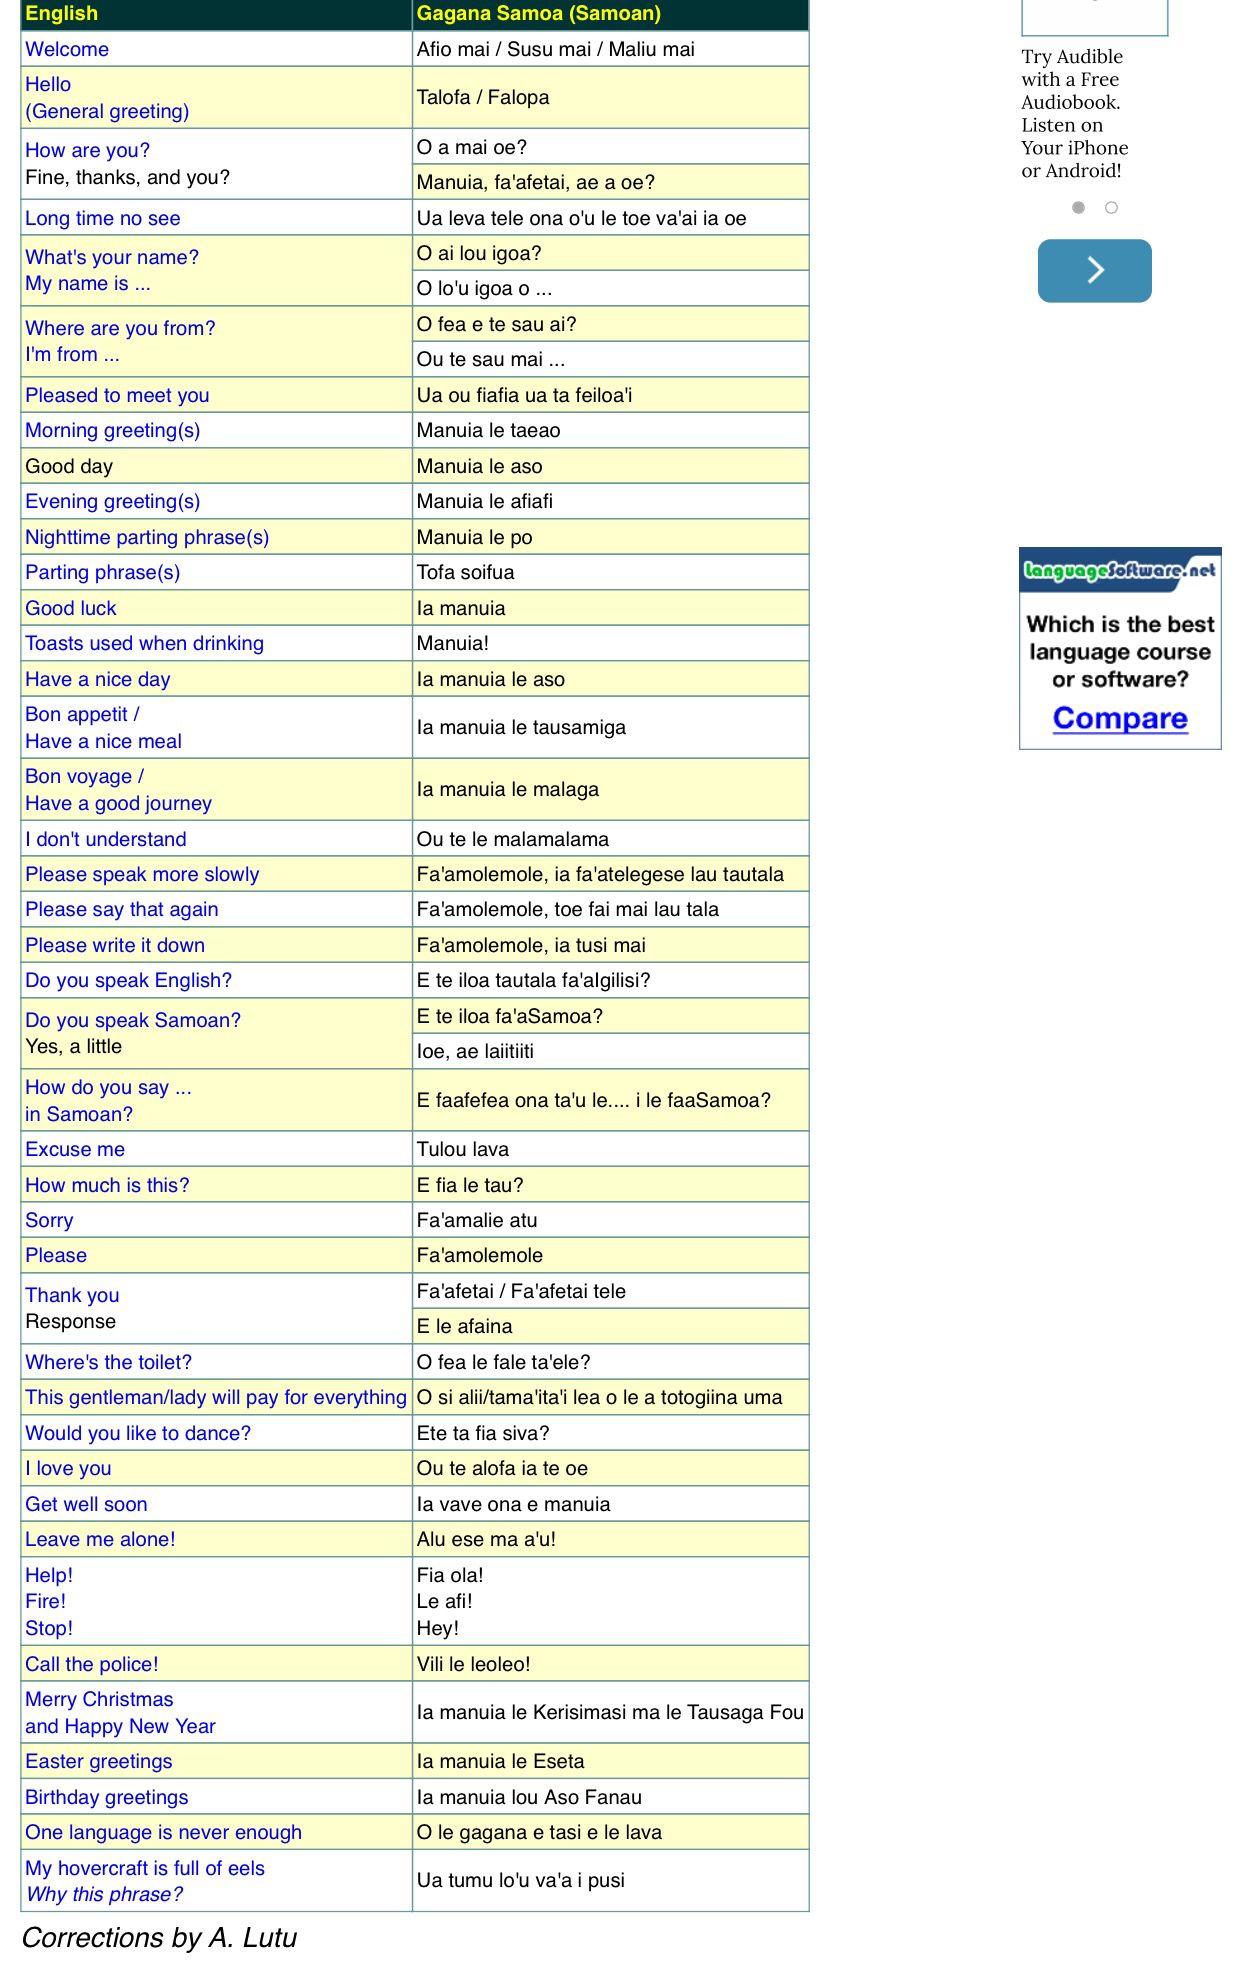 Samoan Phrases